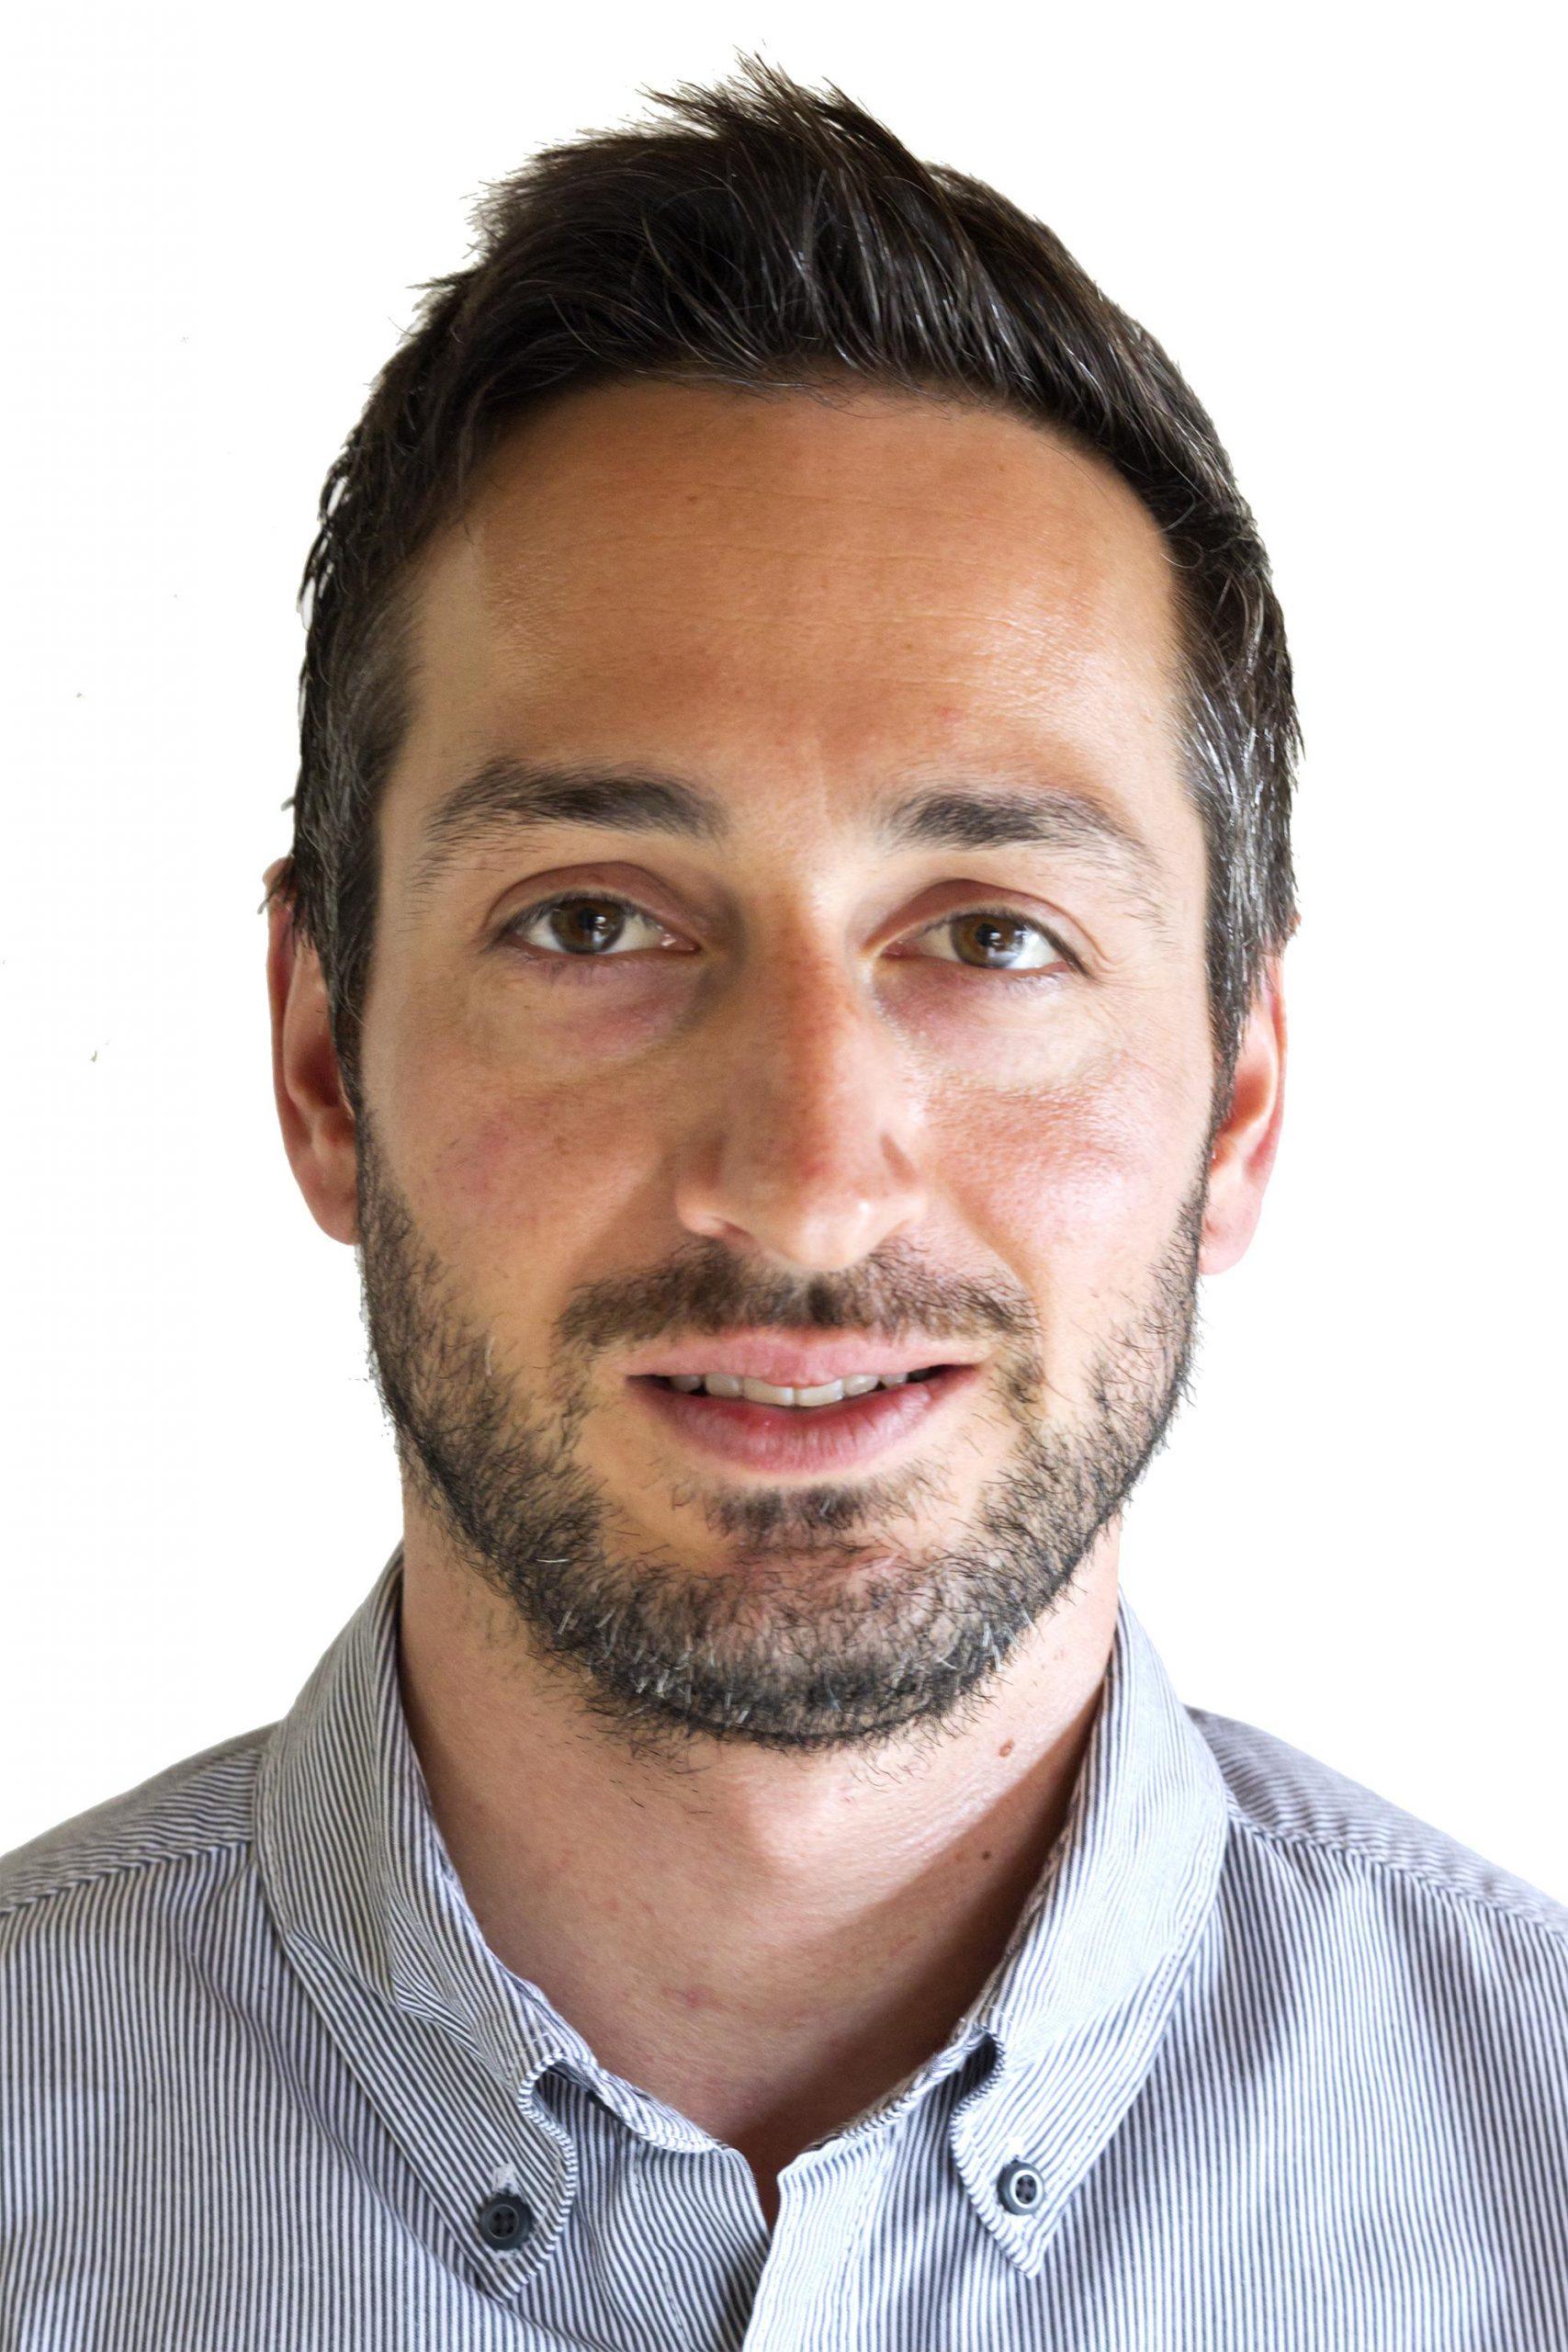 Claudio Cavallo Inhaber und Gründer von Aquallo